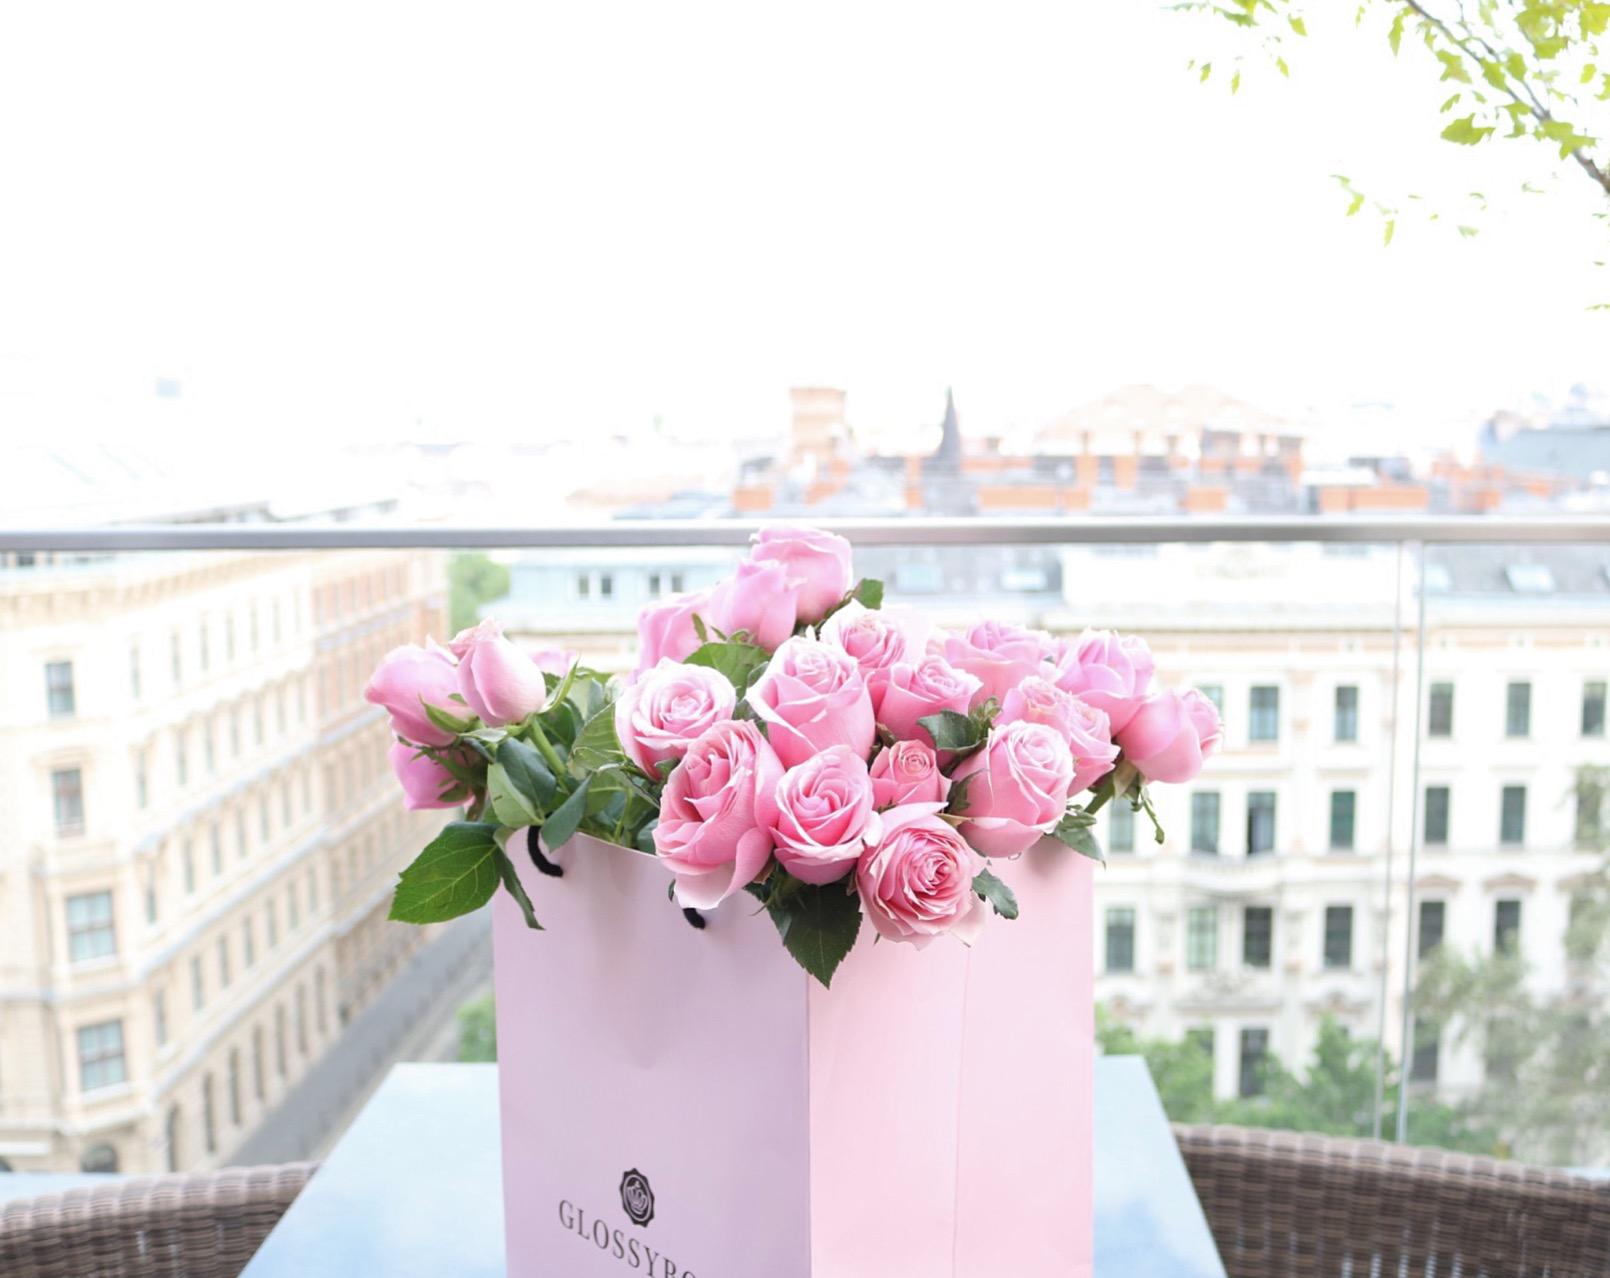 Glossybox Event: Flowerpower über den Dächern Wiens